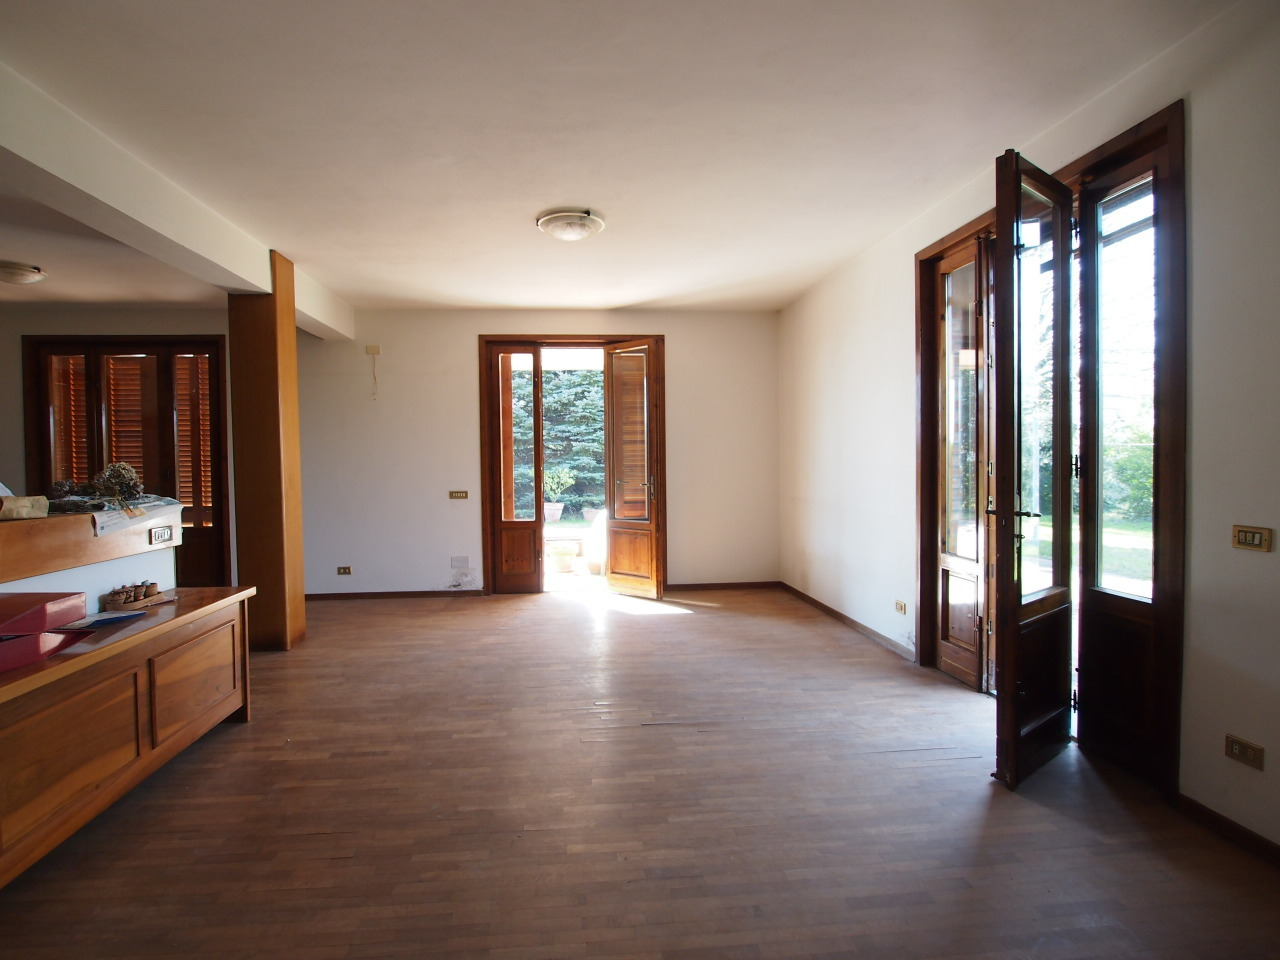 Villa in vendita RIF. 874, San Miniato (PI)